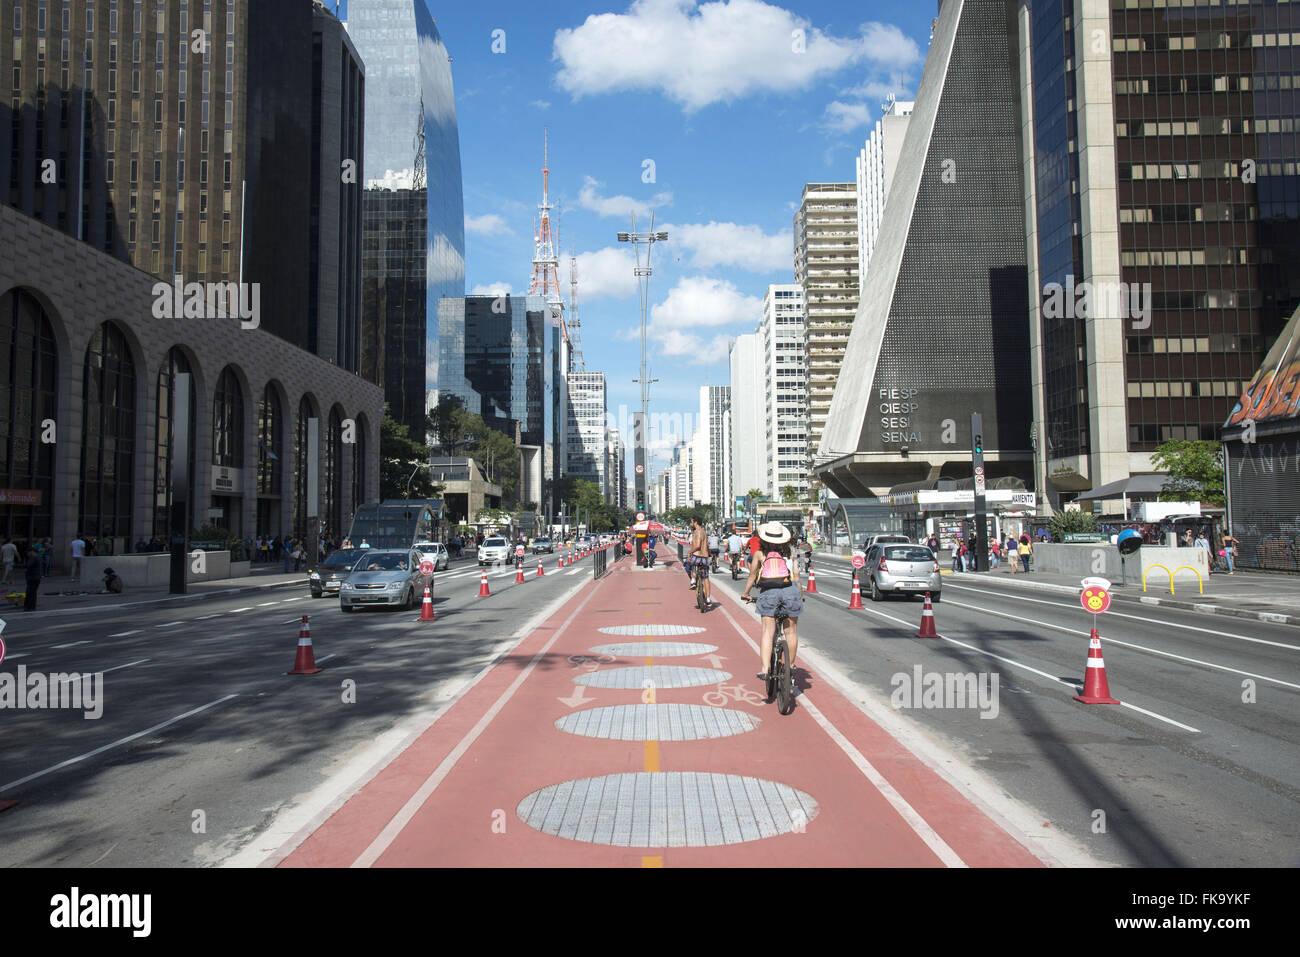 Ciclovia da Avenida Paulista num domingo ensolarado - Stock Image